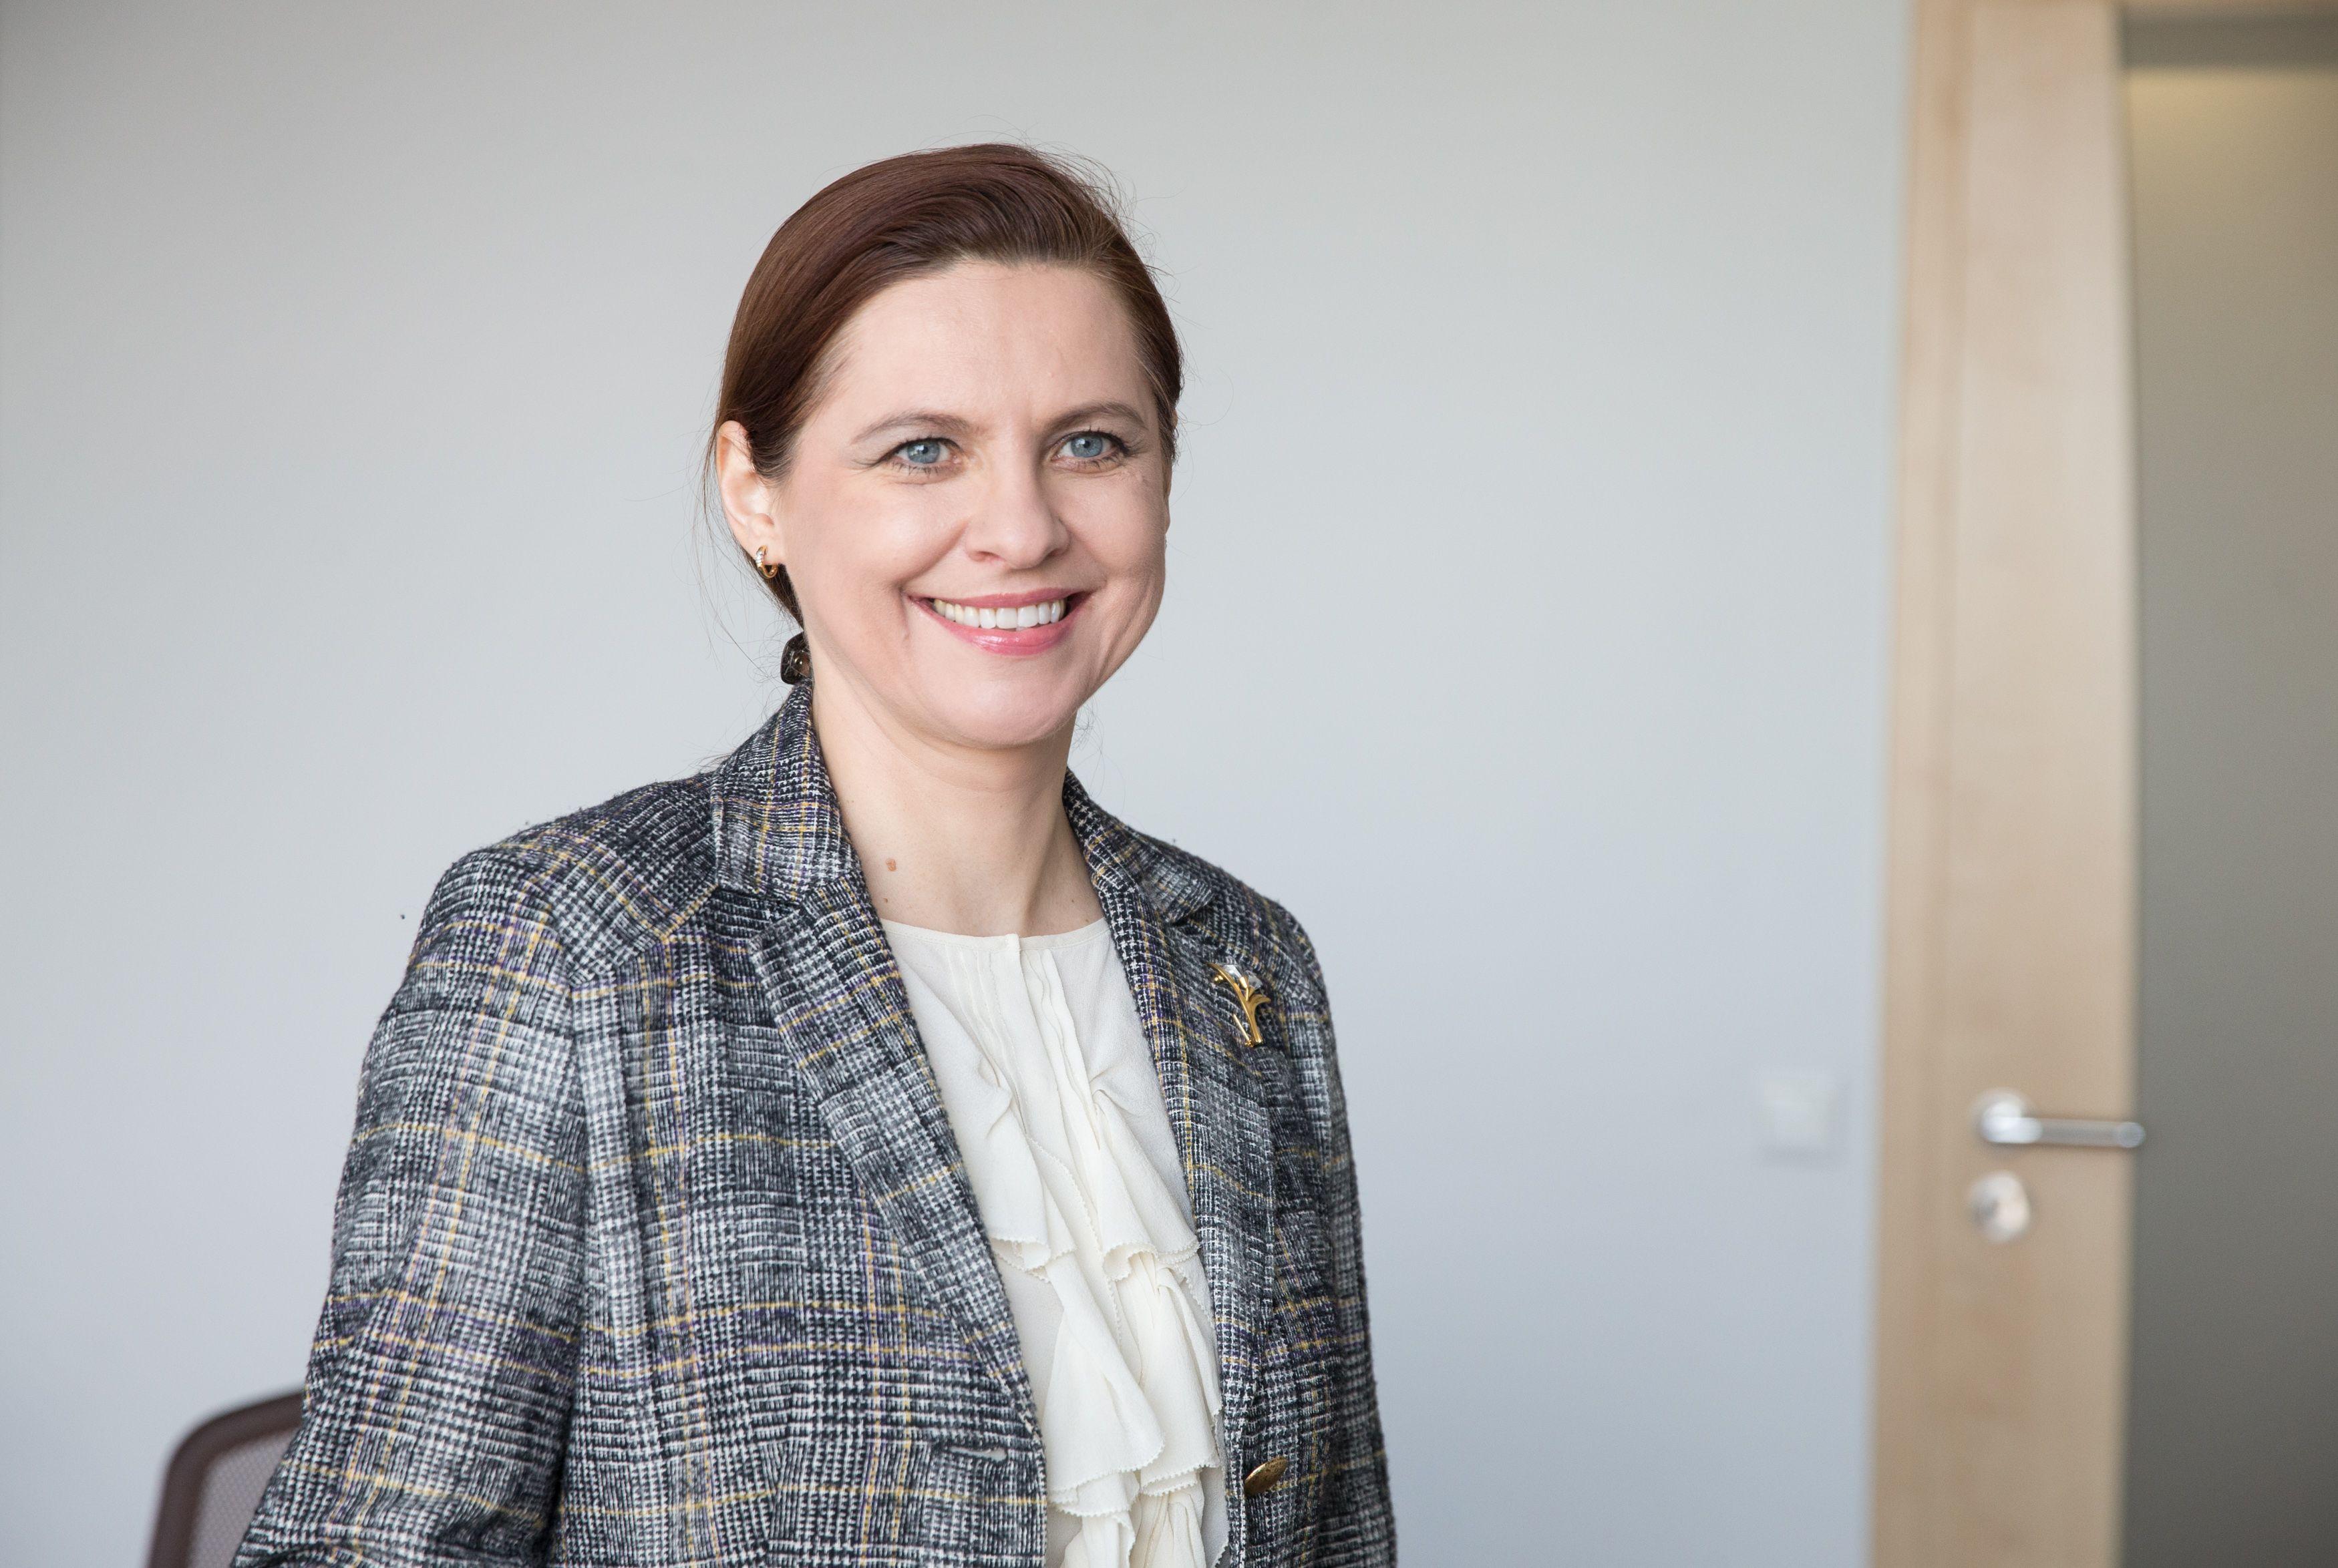 """""""Aviva Lietuvos"""" vadovė: Jakeliūno siūlymų įgyvendinimas reikštų sistemos sunaikinimą"""